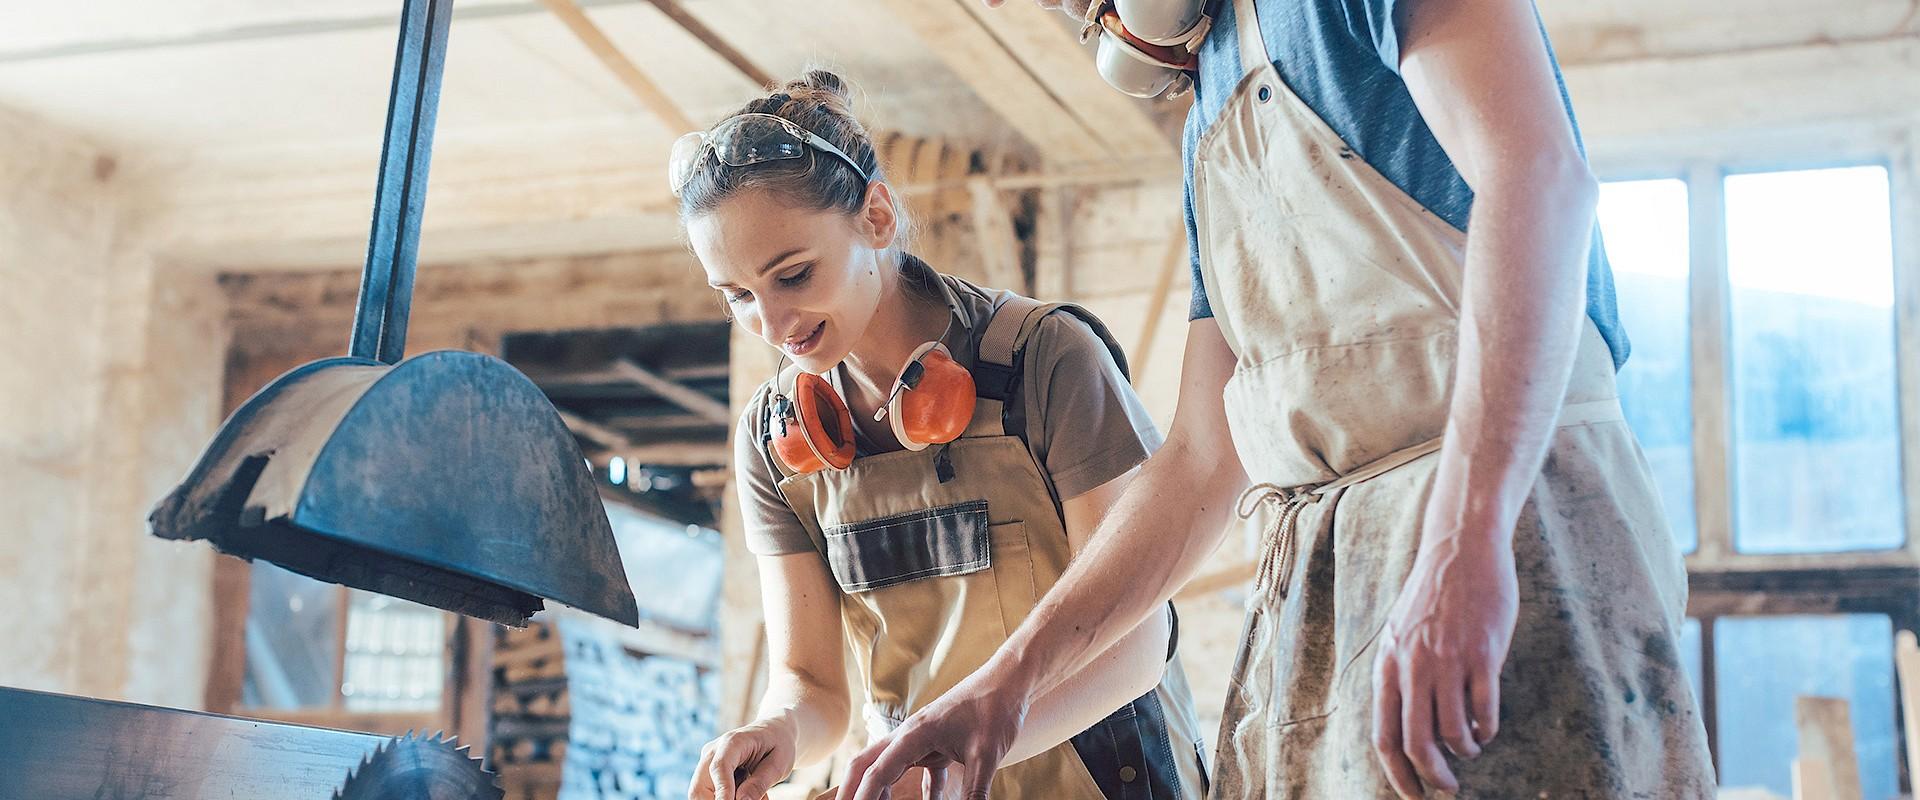 Ausbildung im Münsterland: Spannend und vielseitig